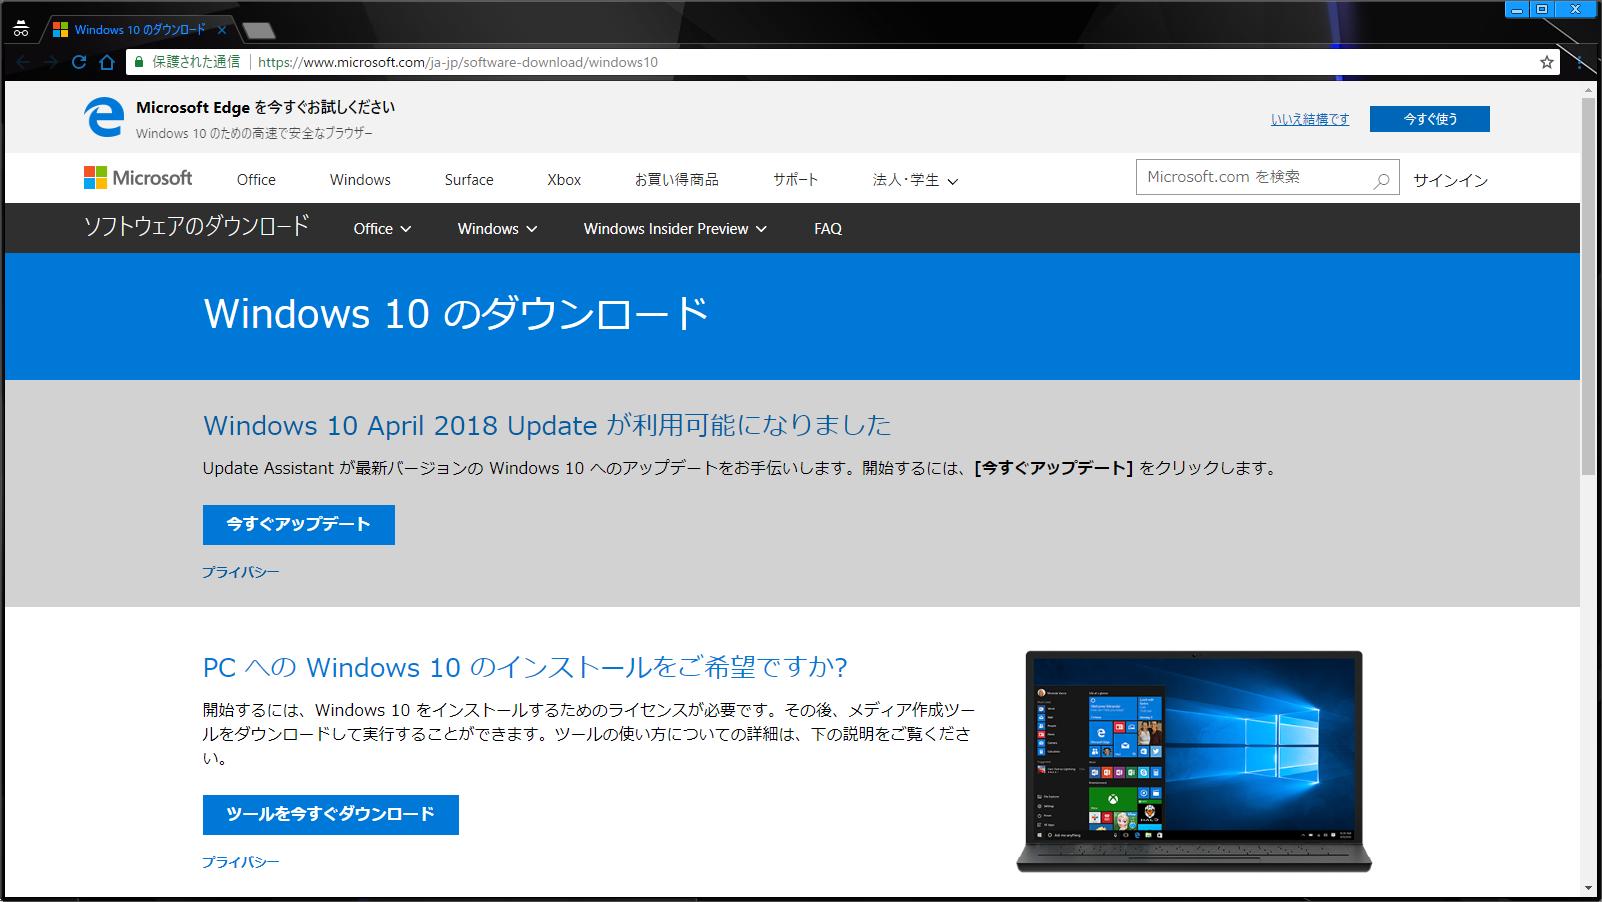 Windows 10】今すぐバージョン1803(April 2018 Update)をダウンロード